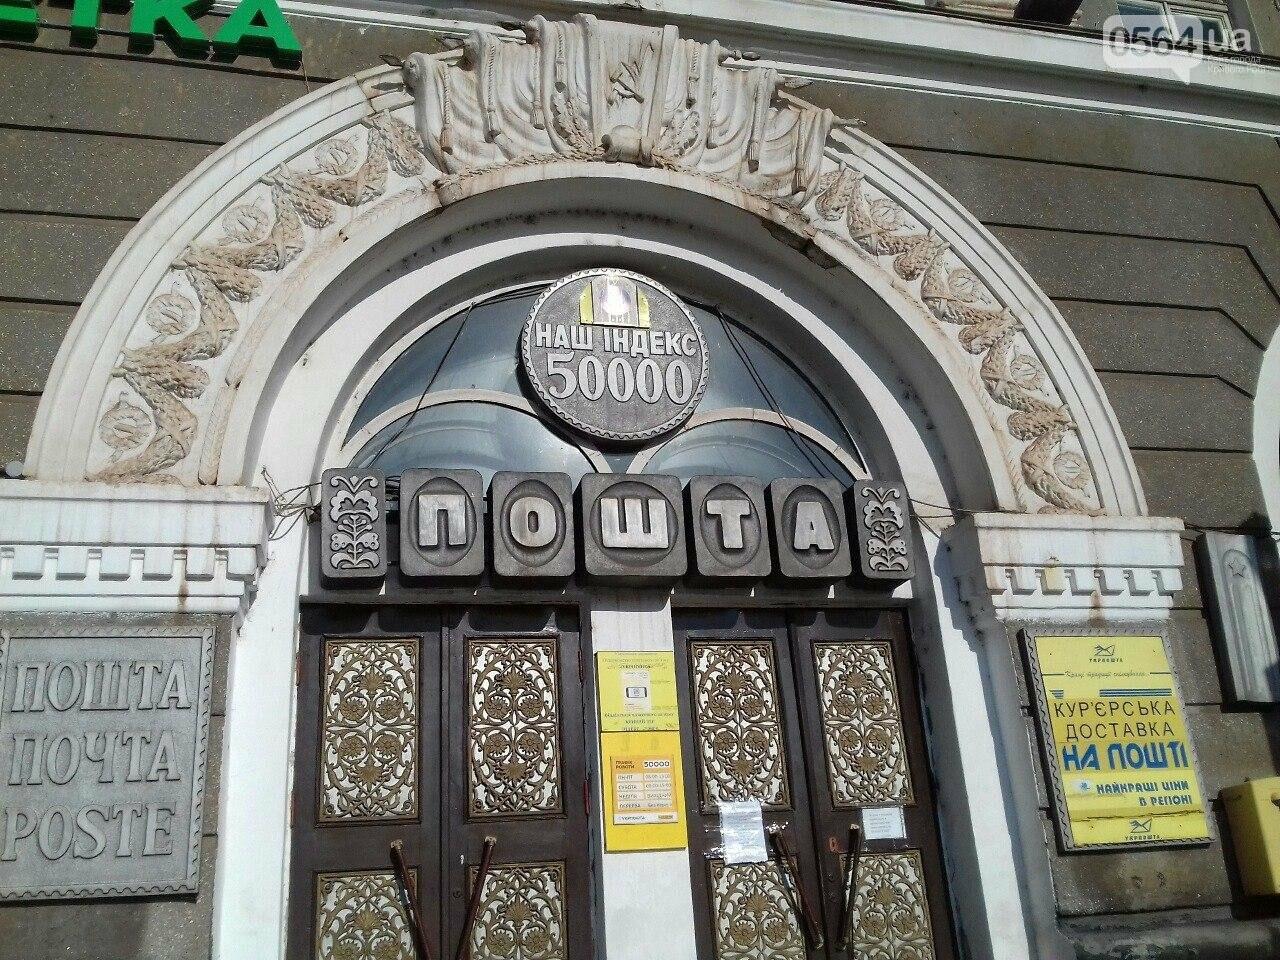 """Первый лифт, дом профессуры и французский """"след"""" на Почтовом , - в Кривом Роге прошла увлекательная экскурсия, - ФОТО, ВИДЕО, фото-17"""